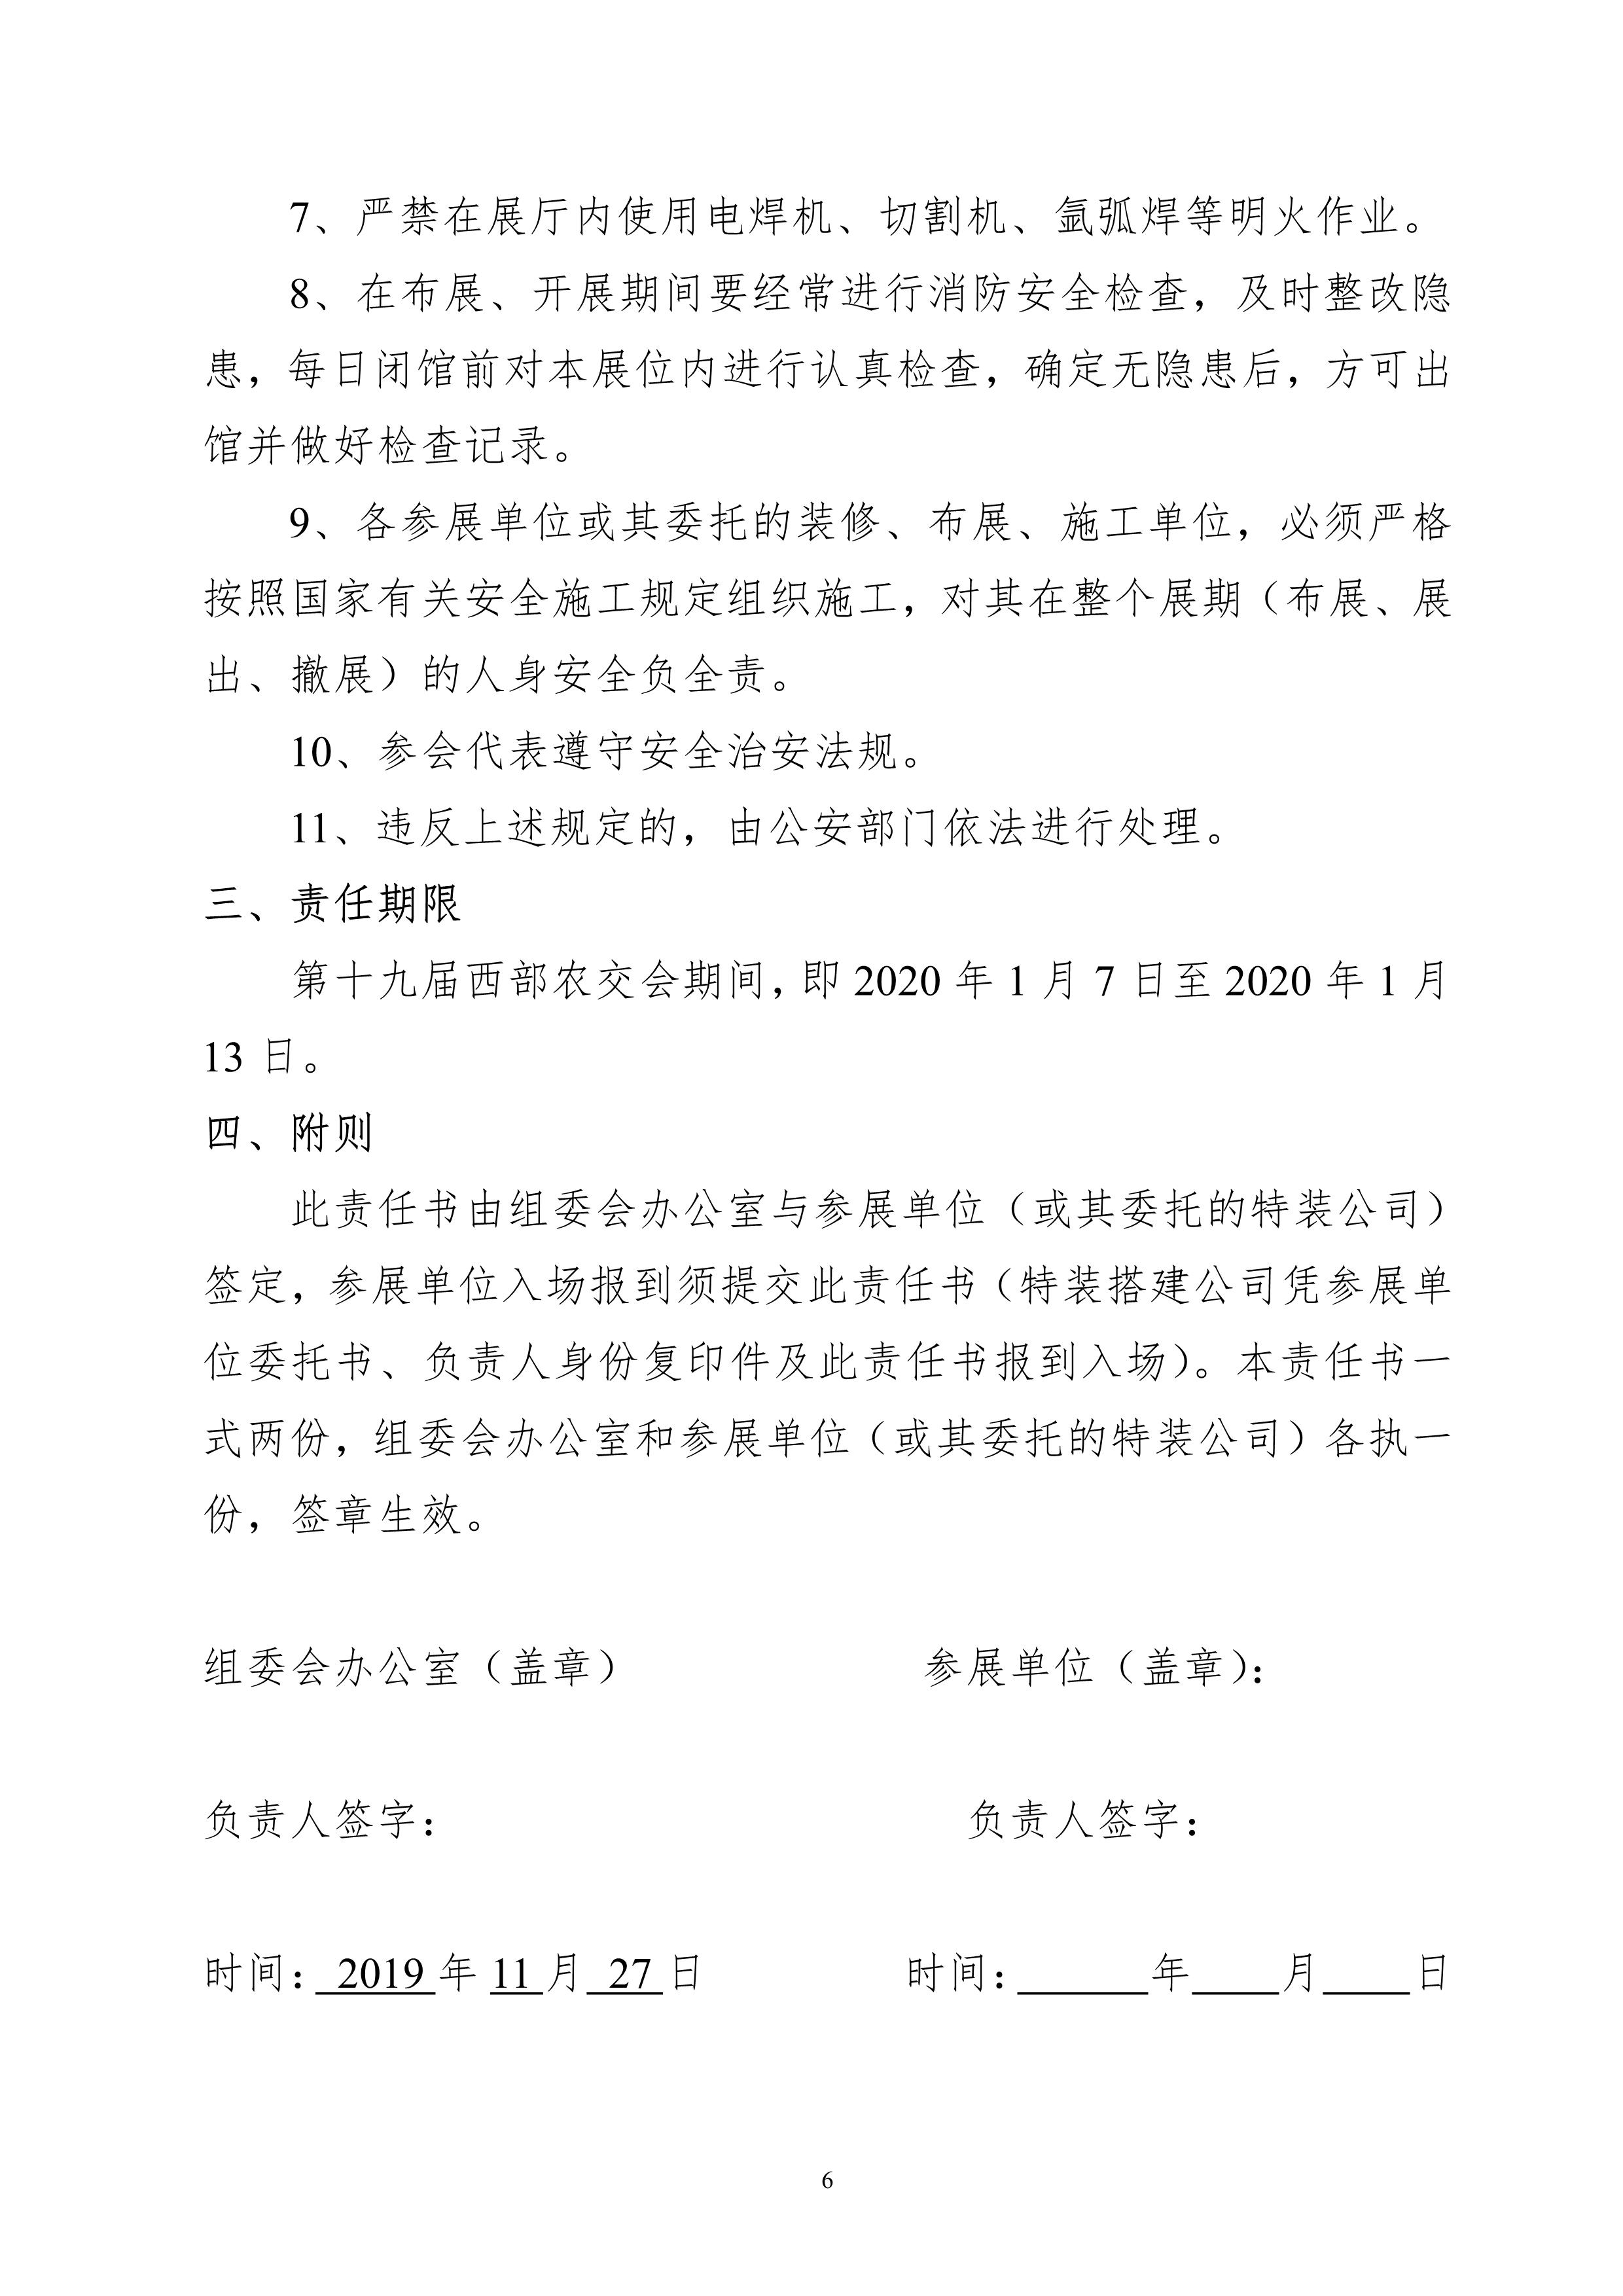 19届西部农交会特装布展通知(定稿)_6.jpg